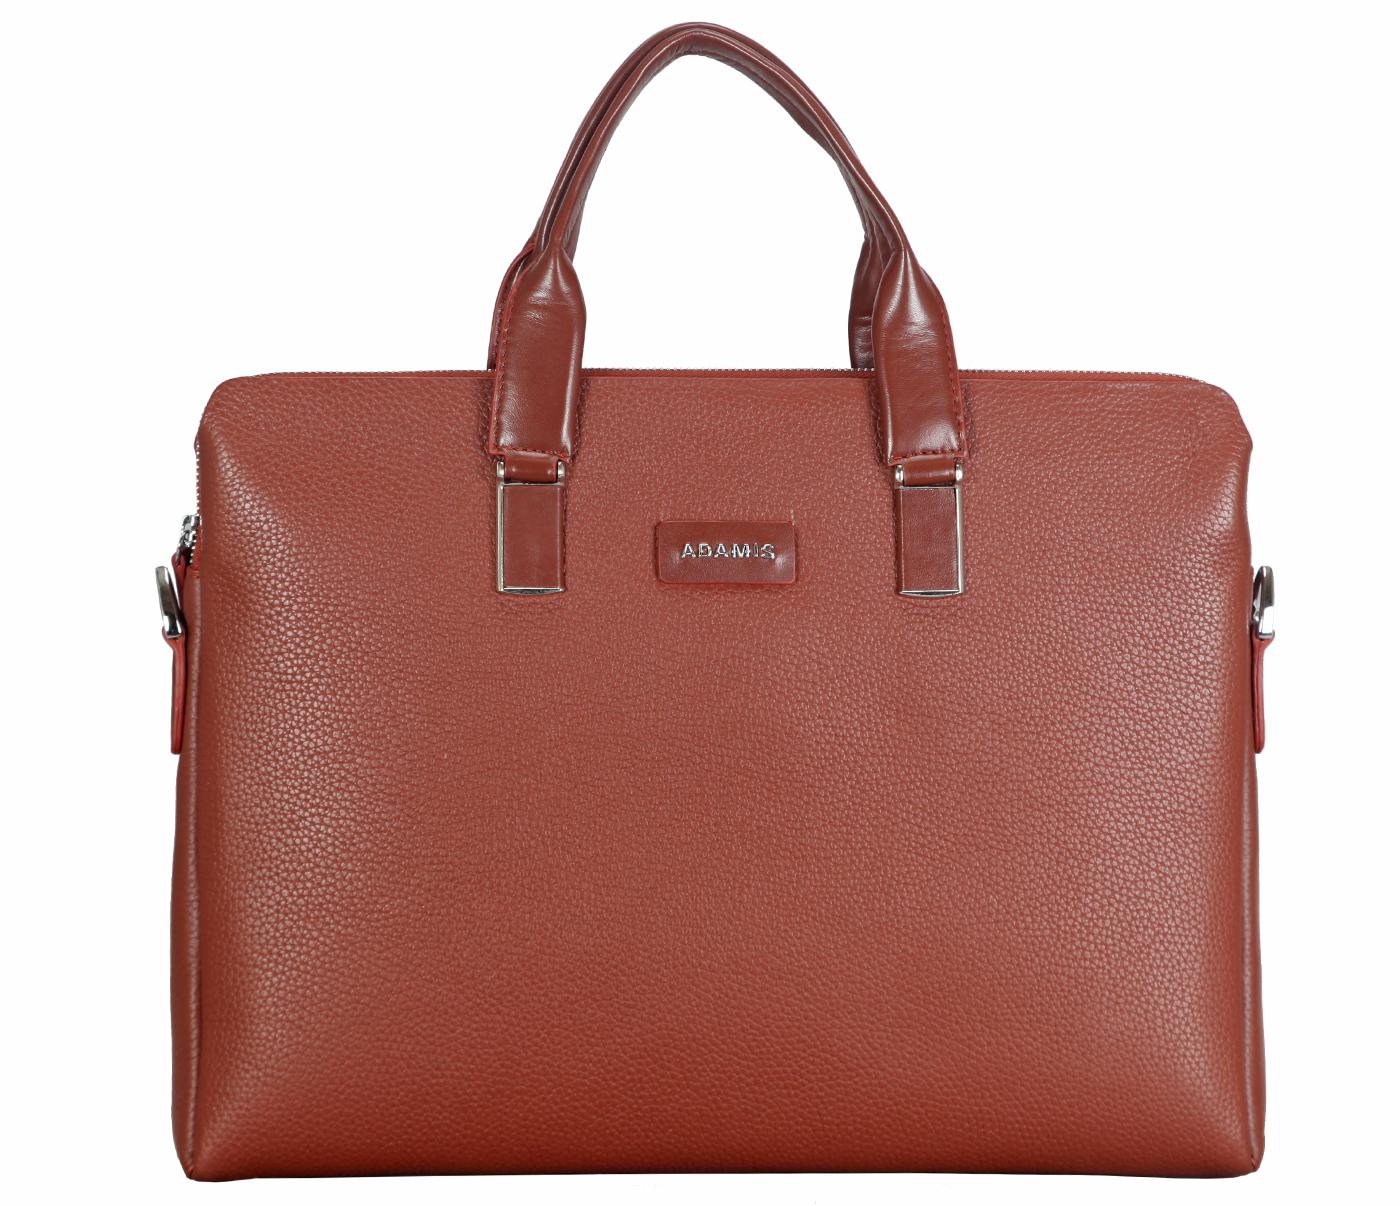 Portfolio / Laptop Bags - F64